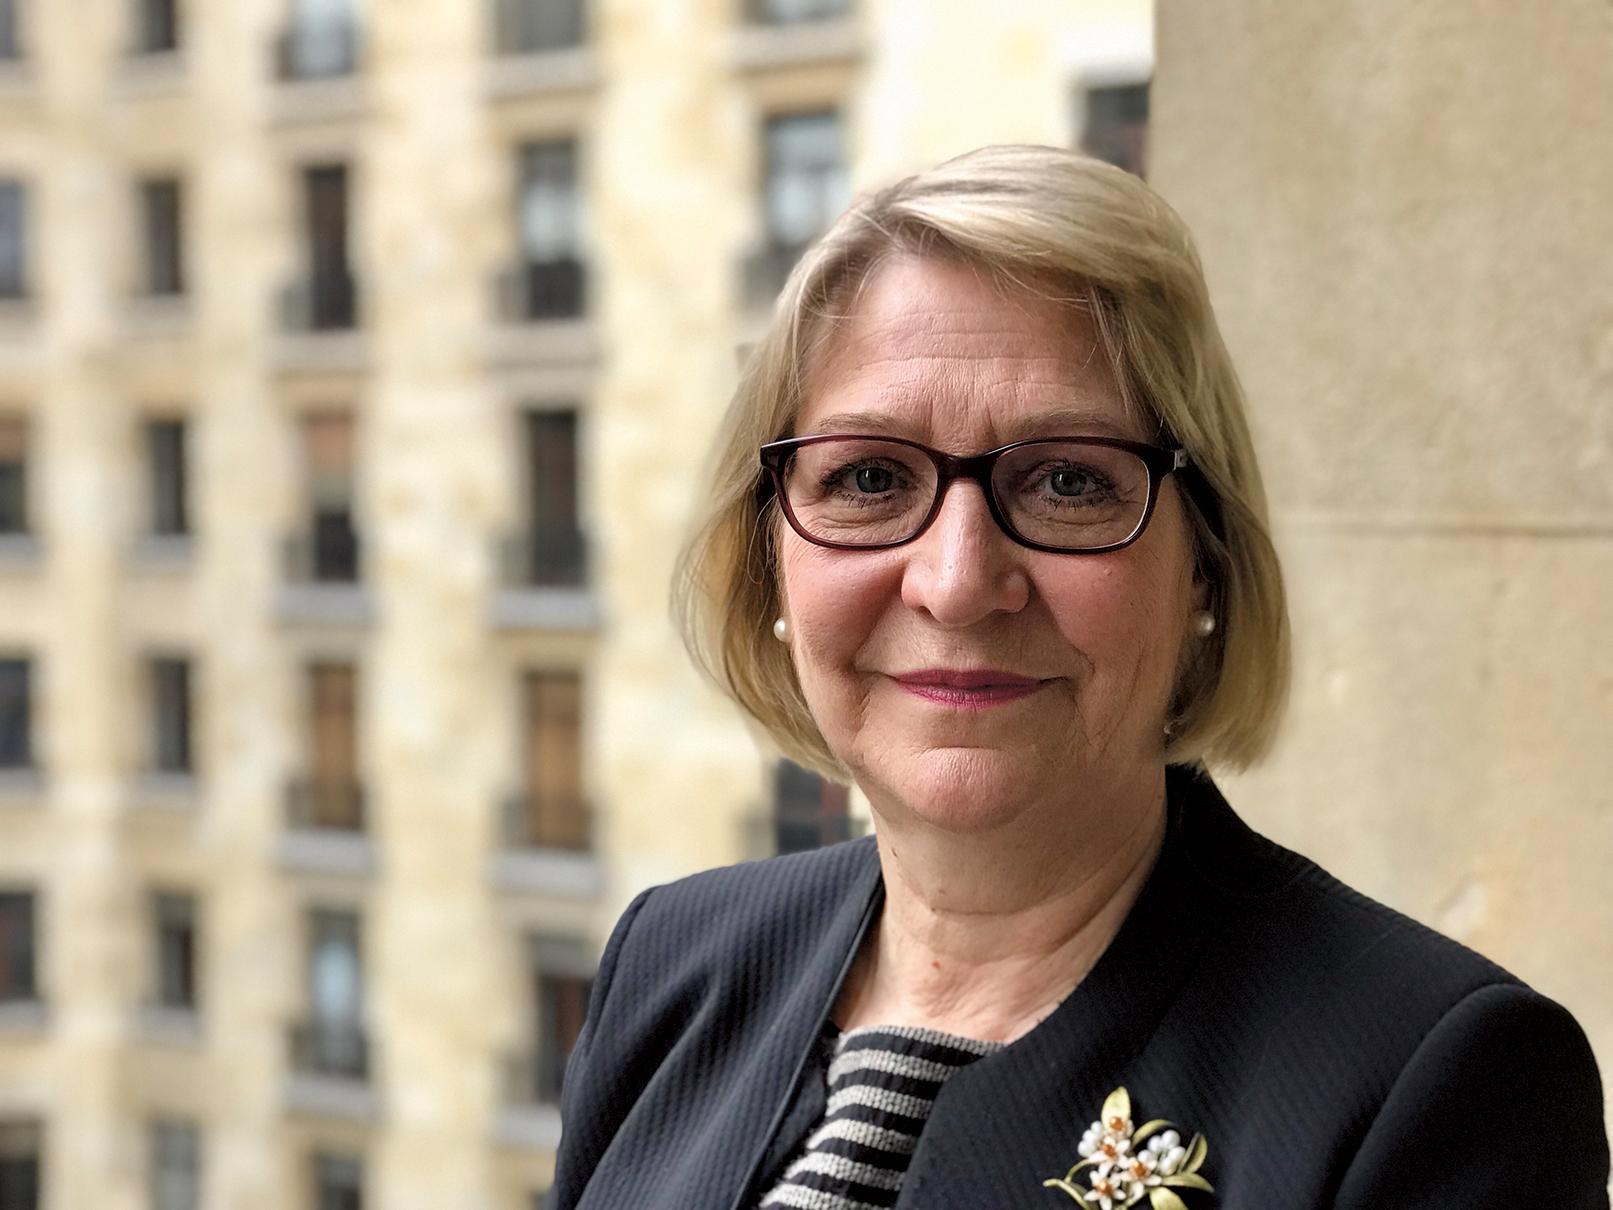 EU:n kannalta keskeistä on säilyttää globaali kilpailukyky, sanoo Marja Rislakki.